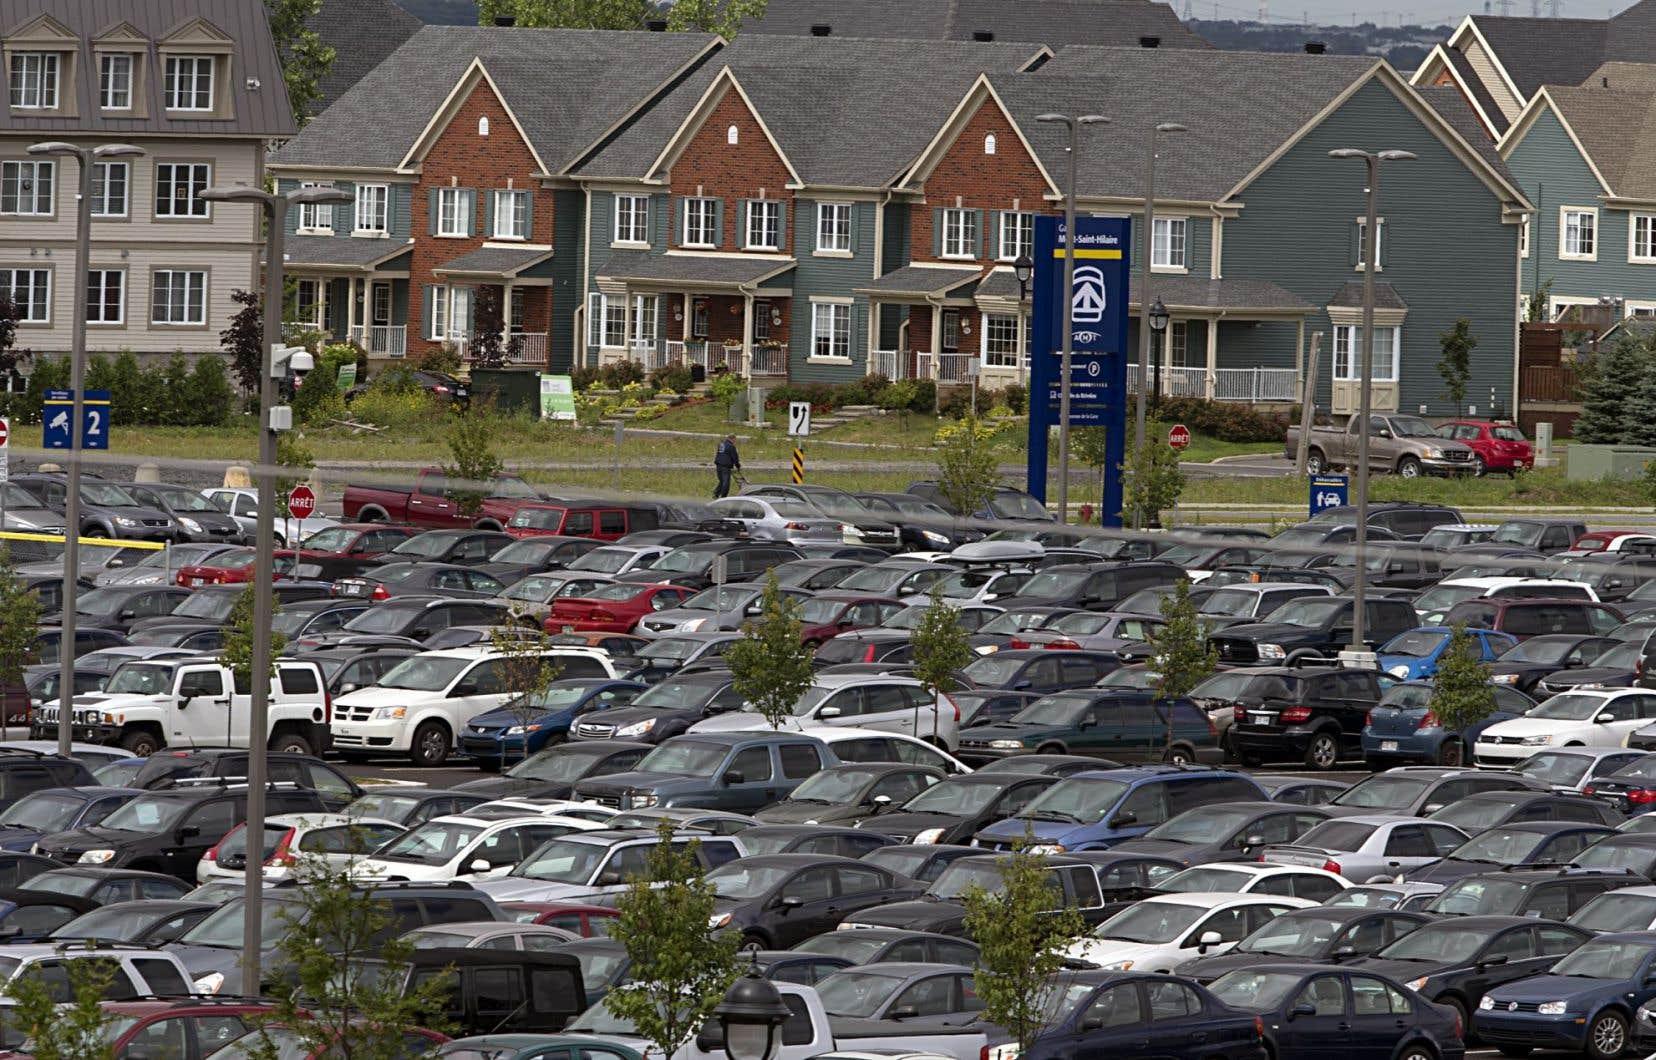 Construites et pensées pour les voitures, les banlieues font souvent figure de parents pauvres lorsqu'on parle de mobilité durable.